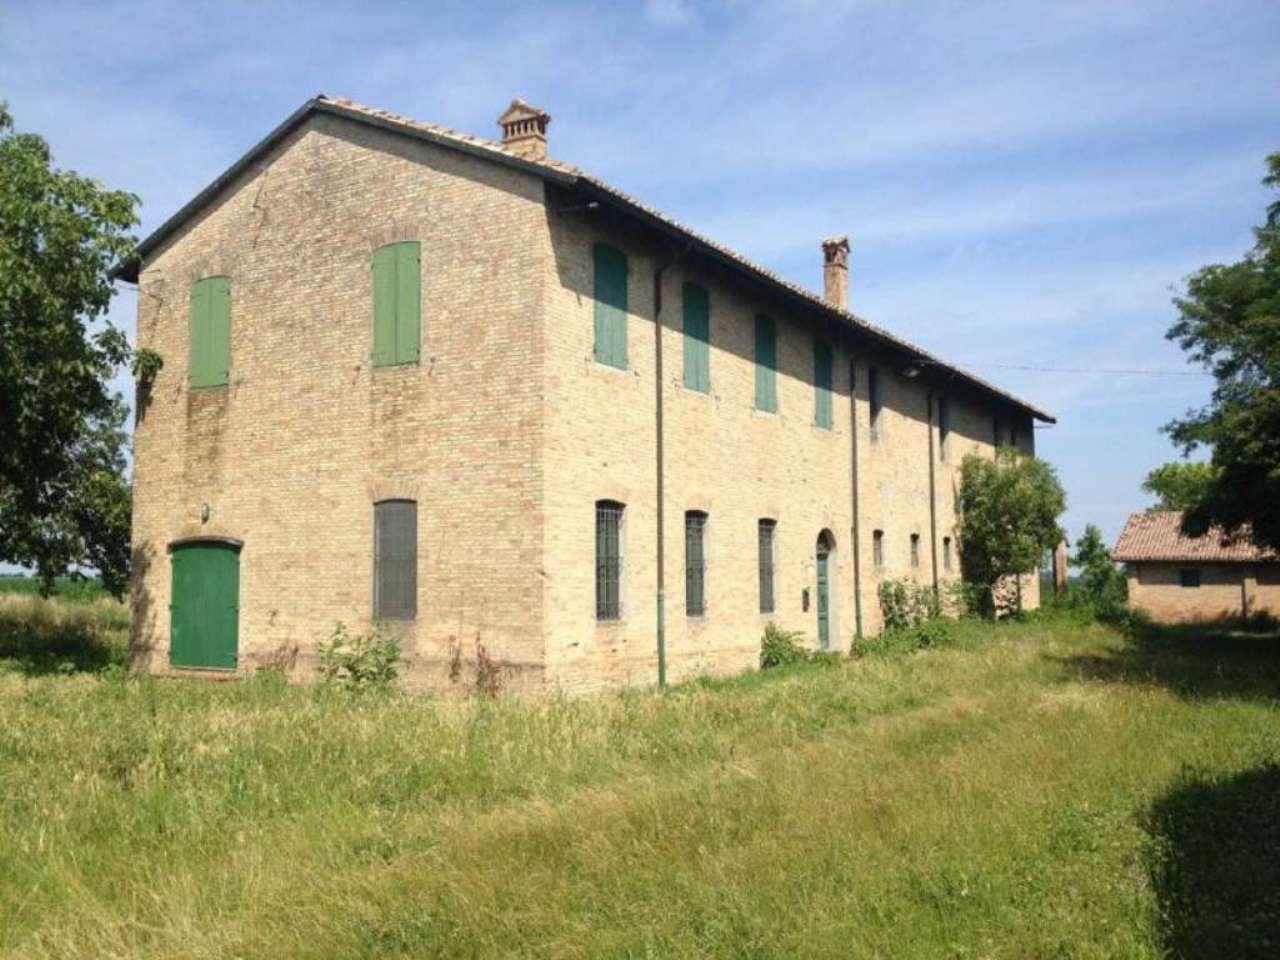 Villa in vendita a Ravenna, 20 locali, prezzo € 380.000 | Cambio Casa.it